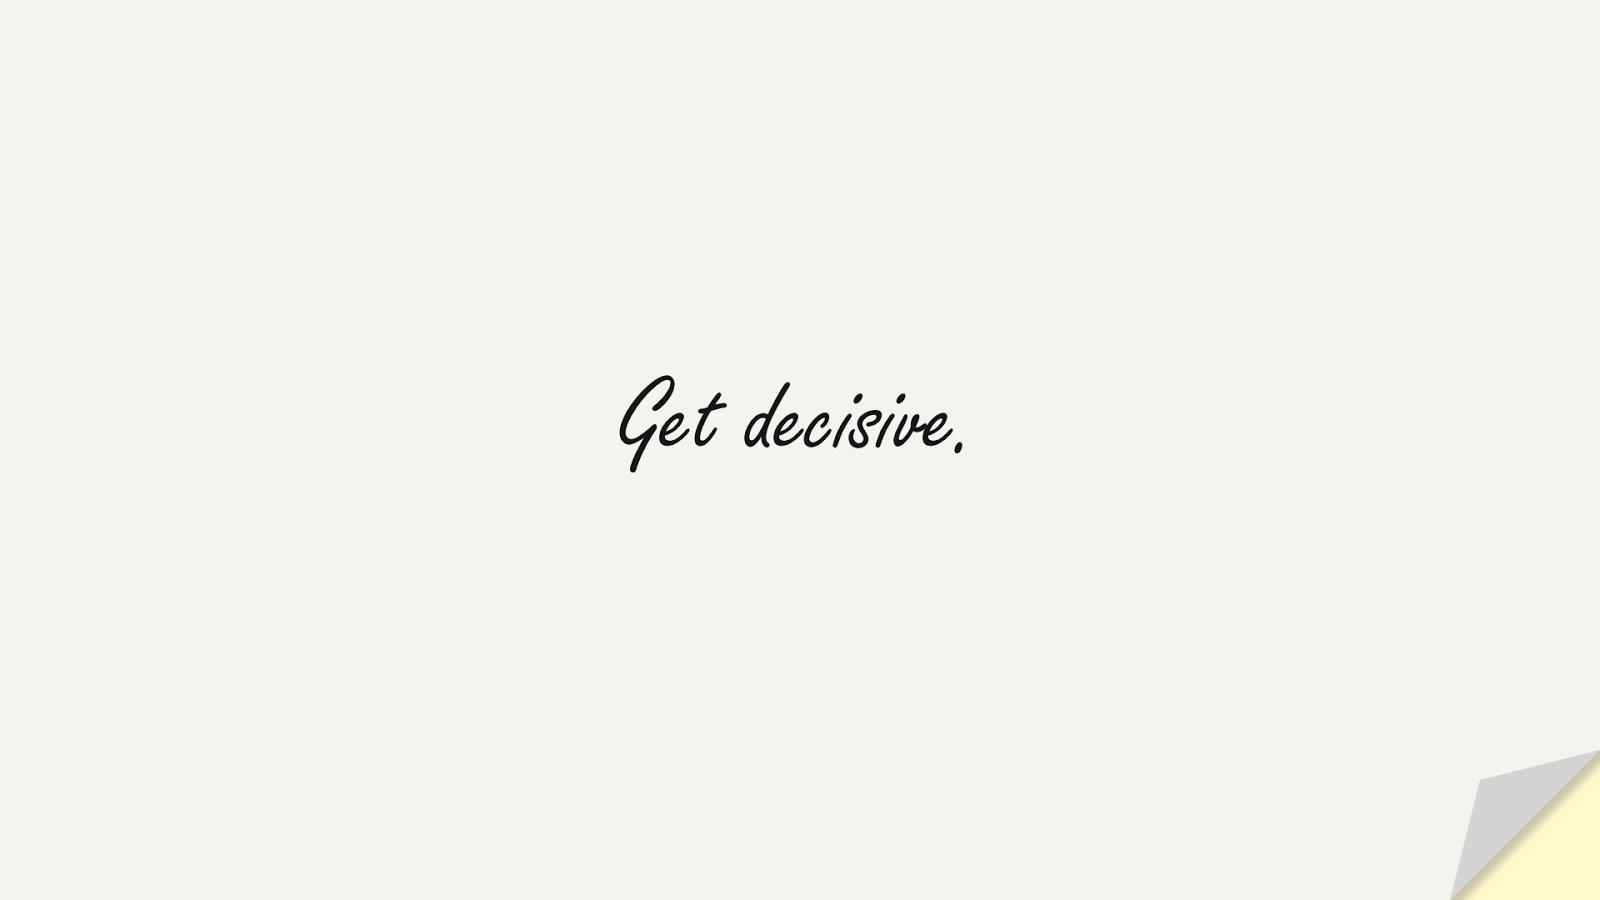 Get decisive.FALSE